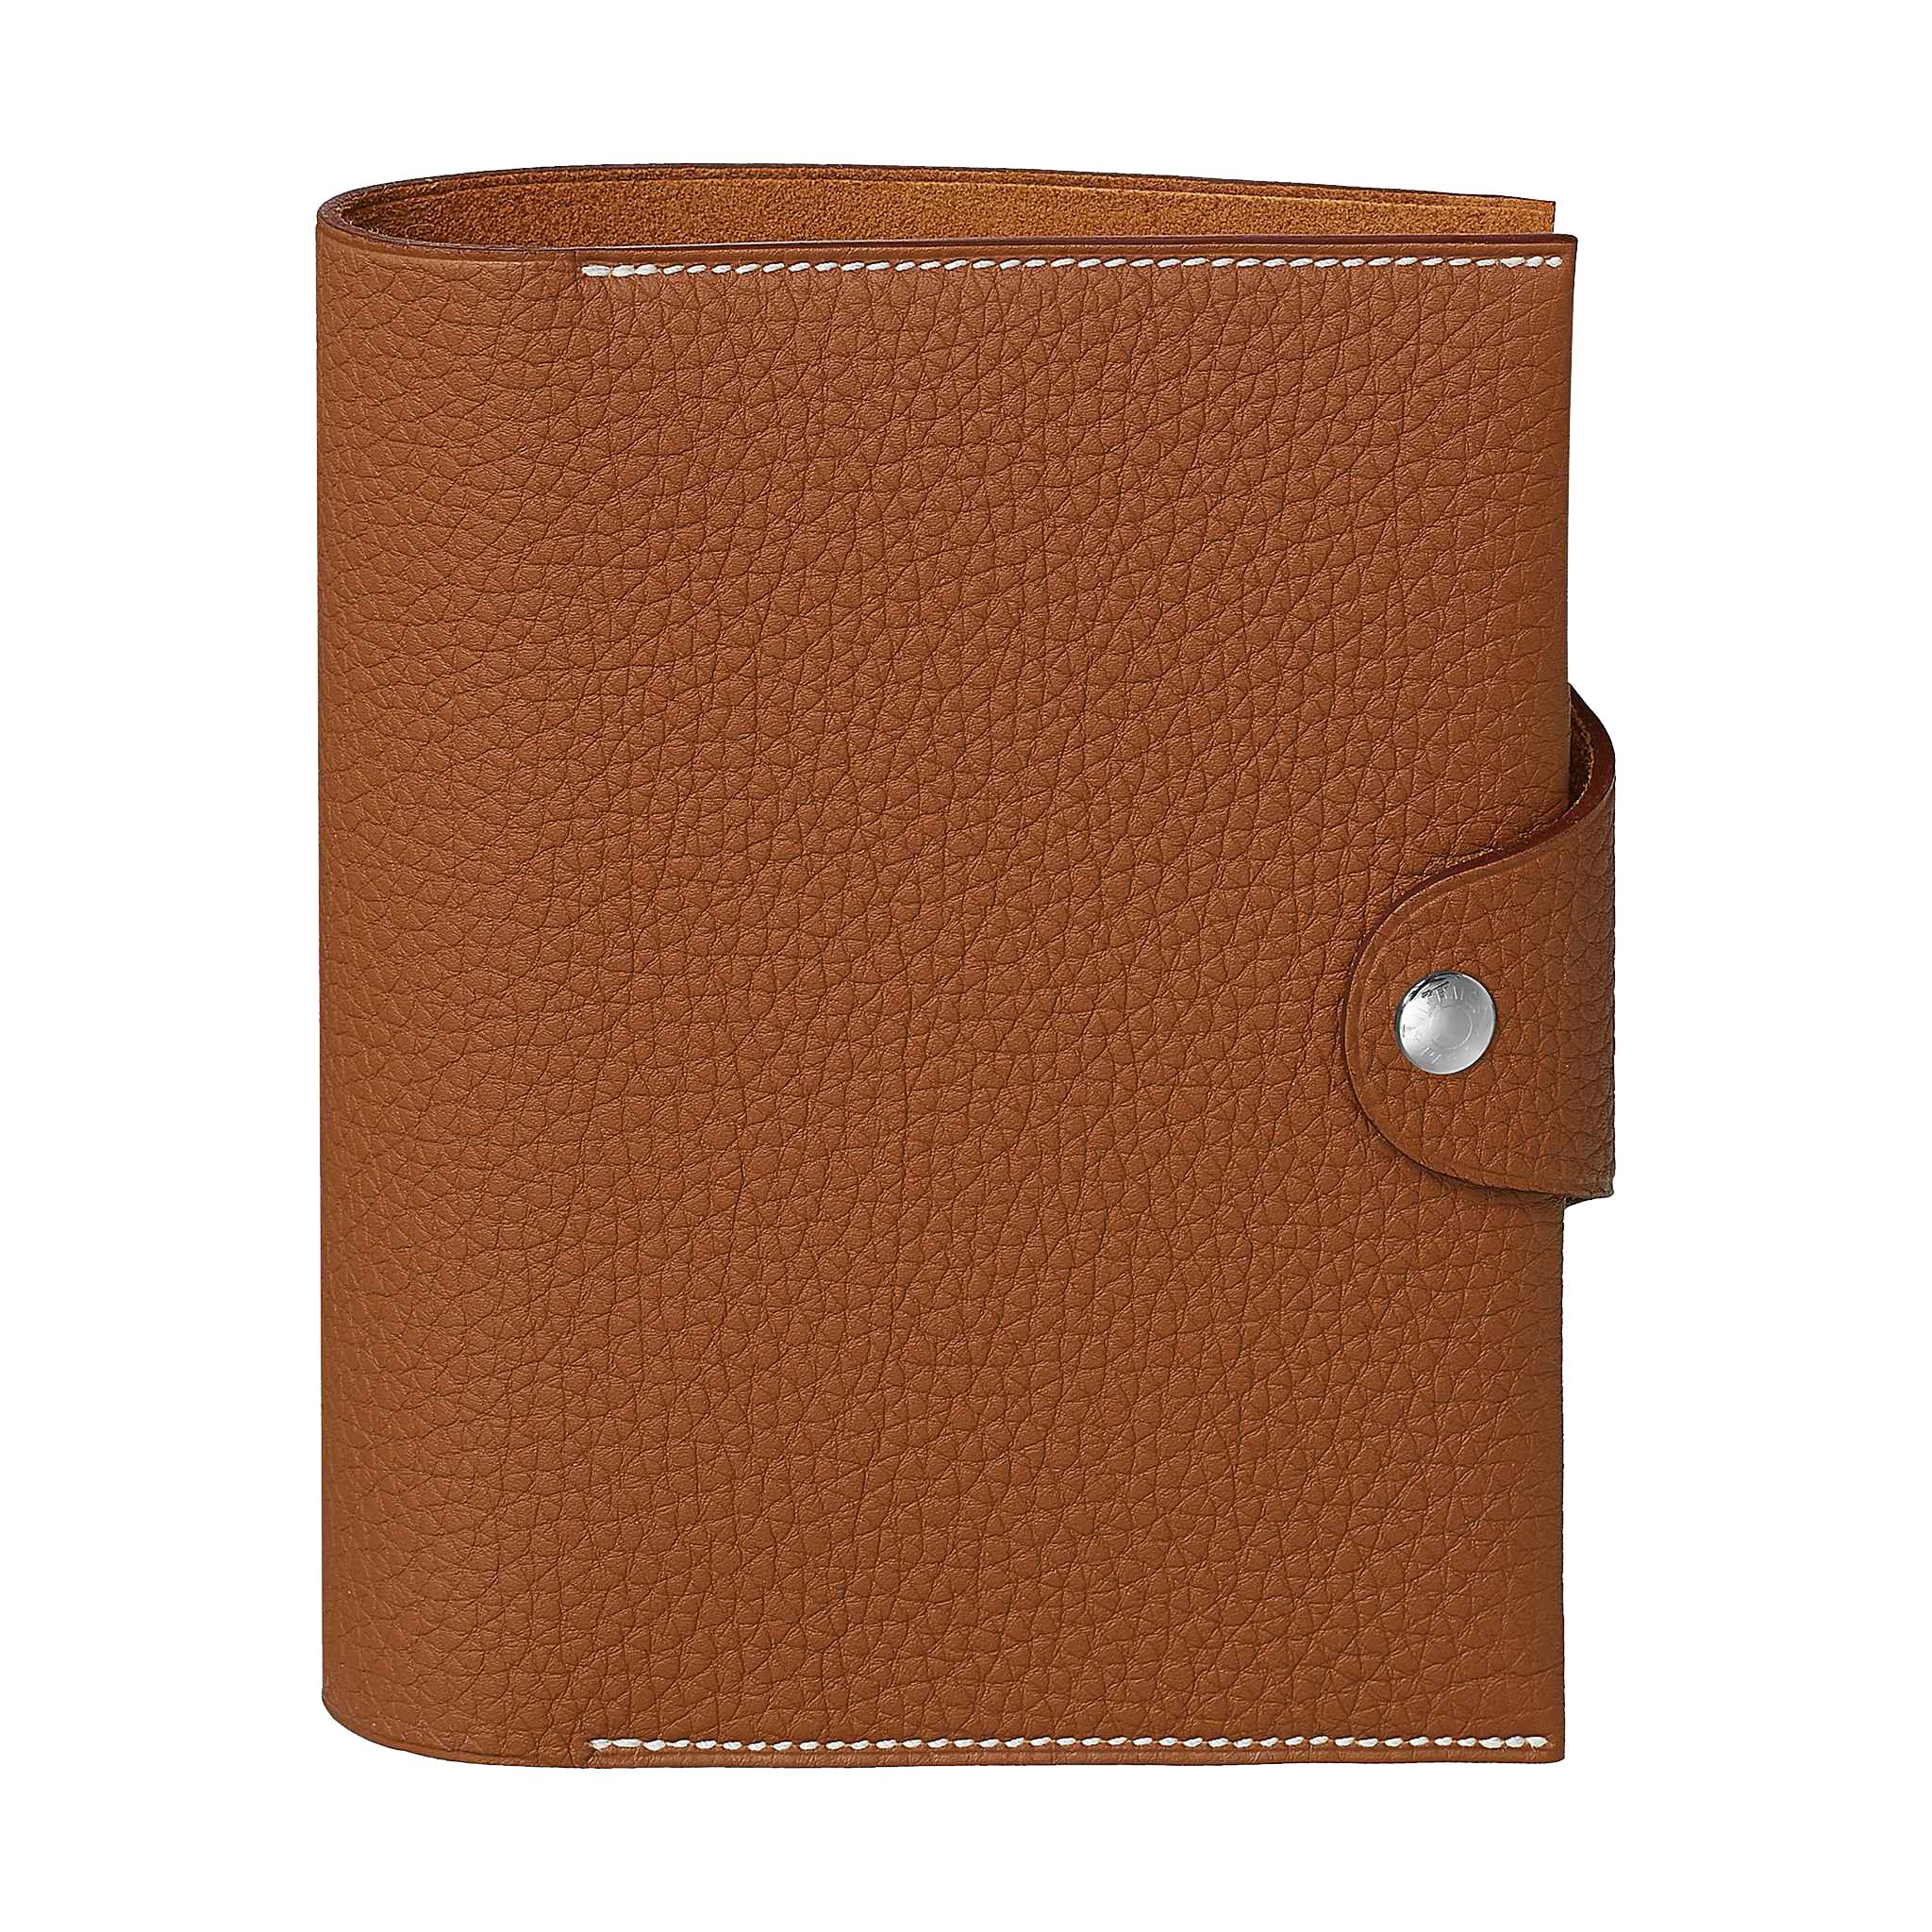 Hermes - Ulysse Neo Notebook.jpg